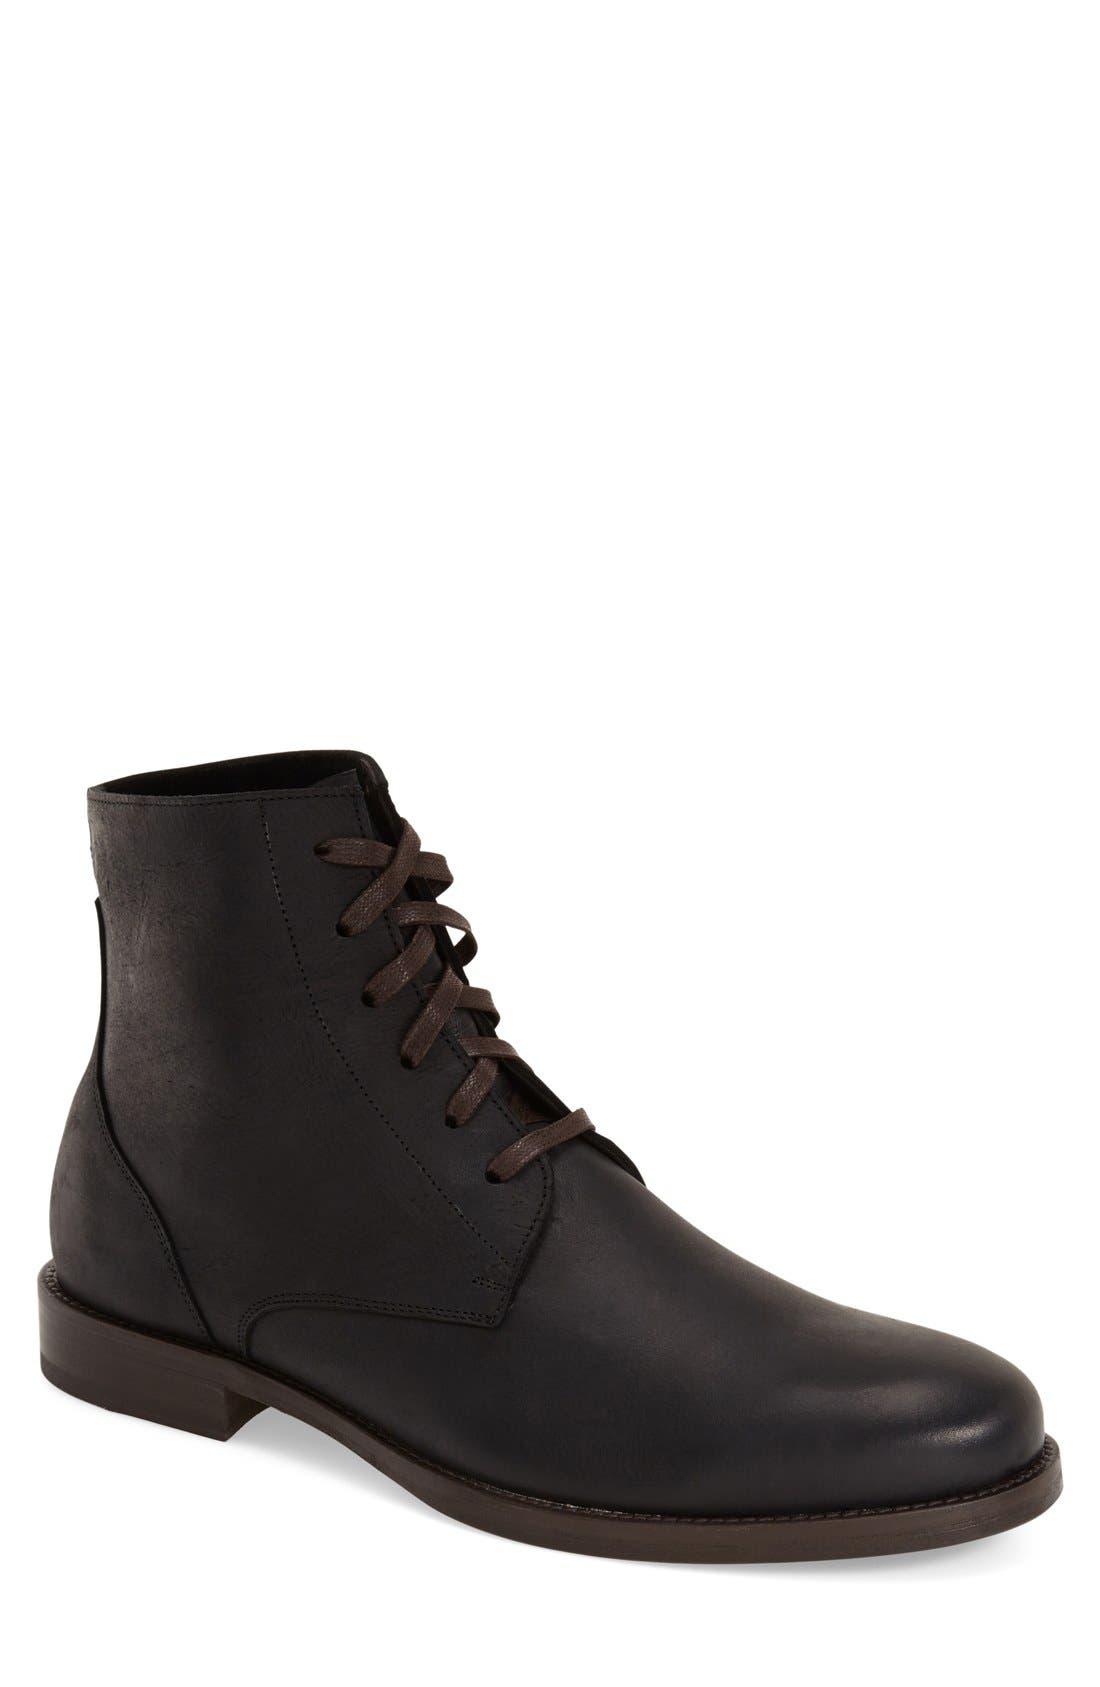 MAISON FORTE 'Stonebreaker' Boot